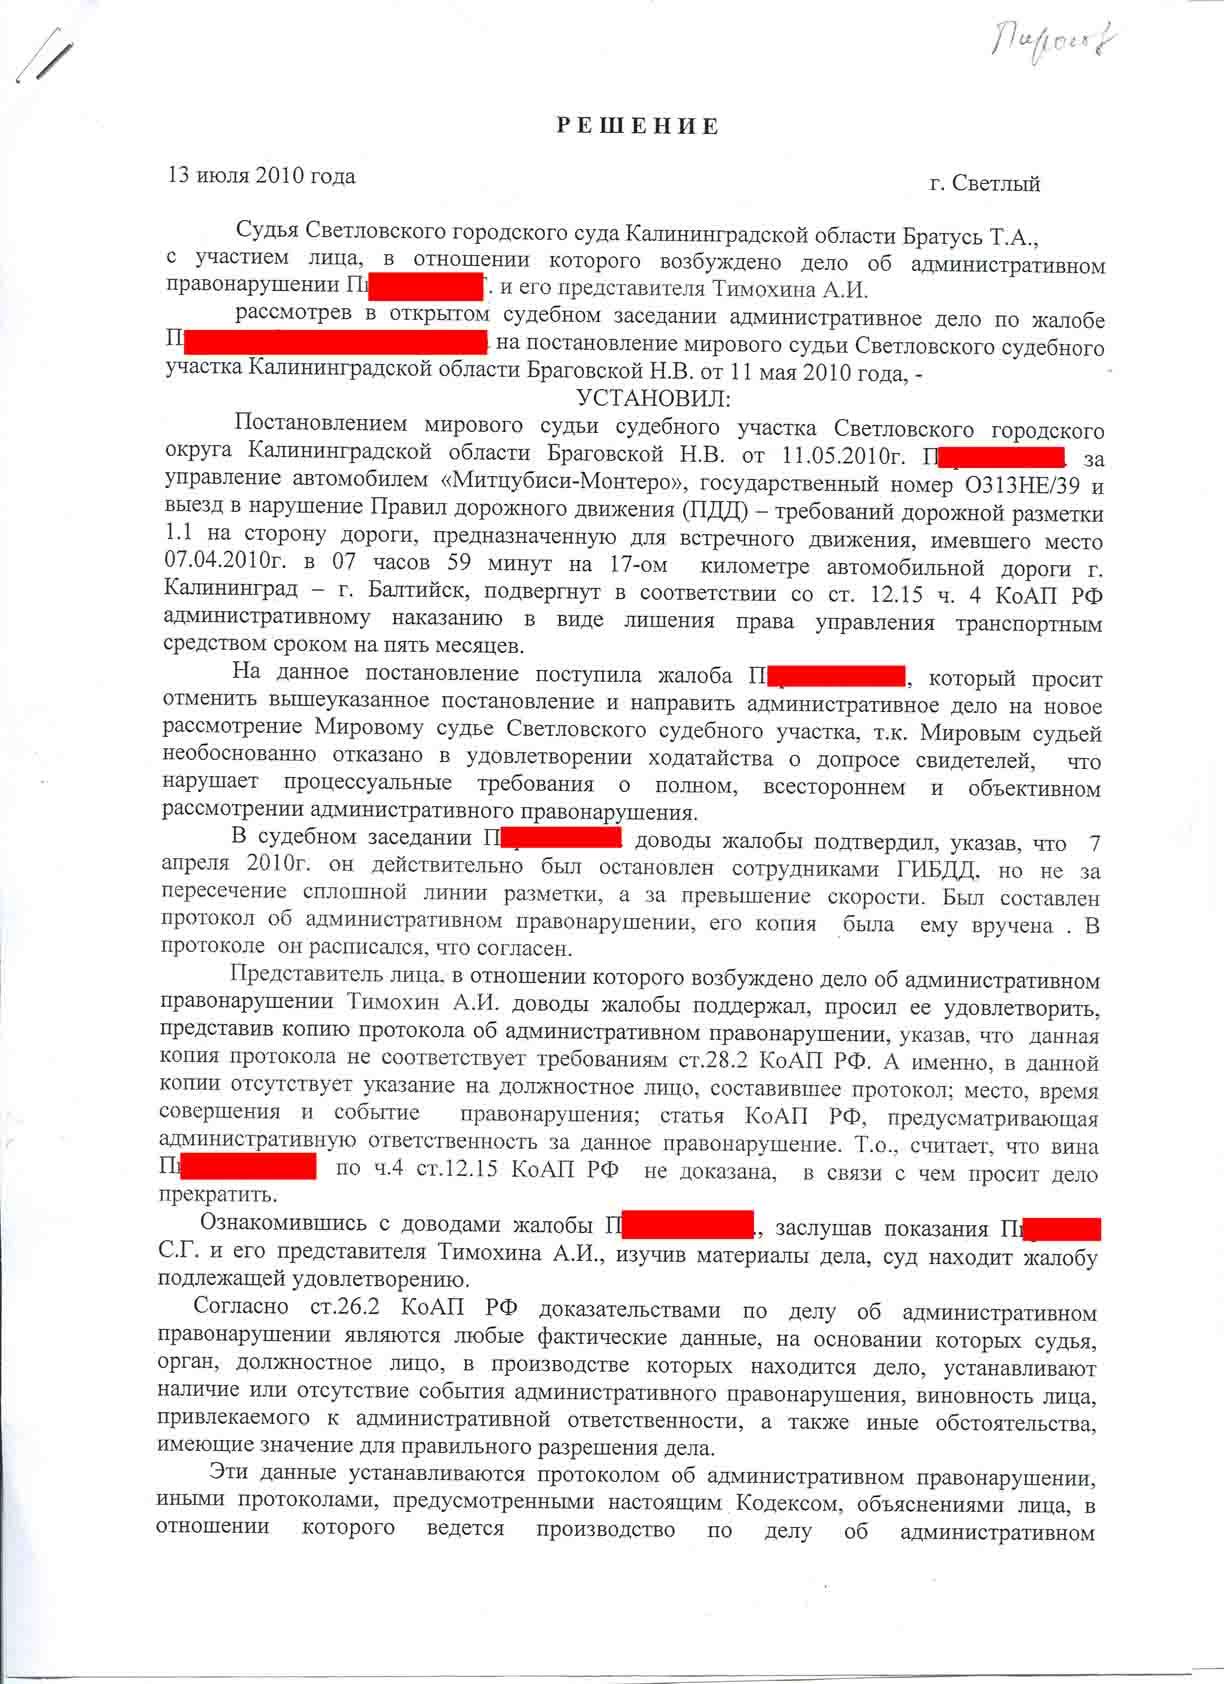 Обжалование решений мирового судьи по административным делам